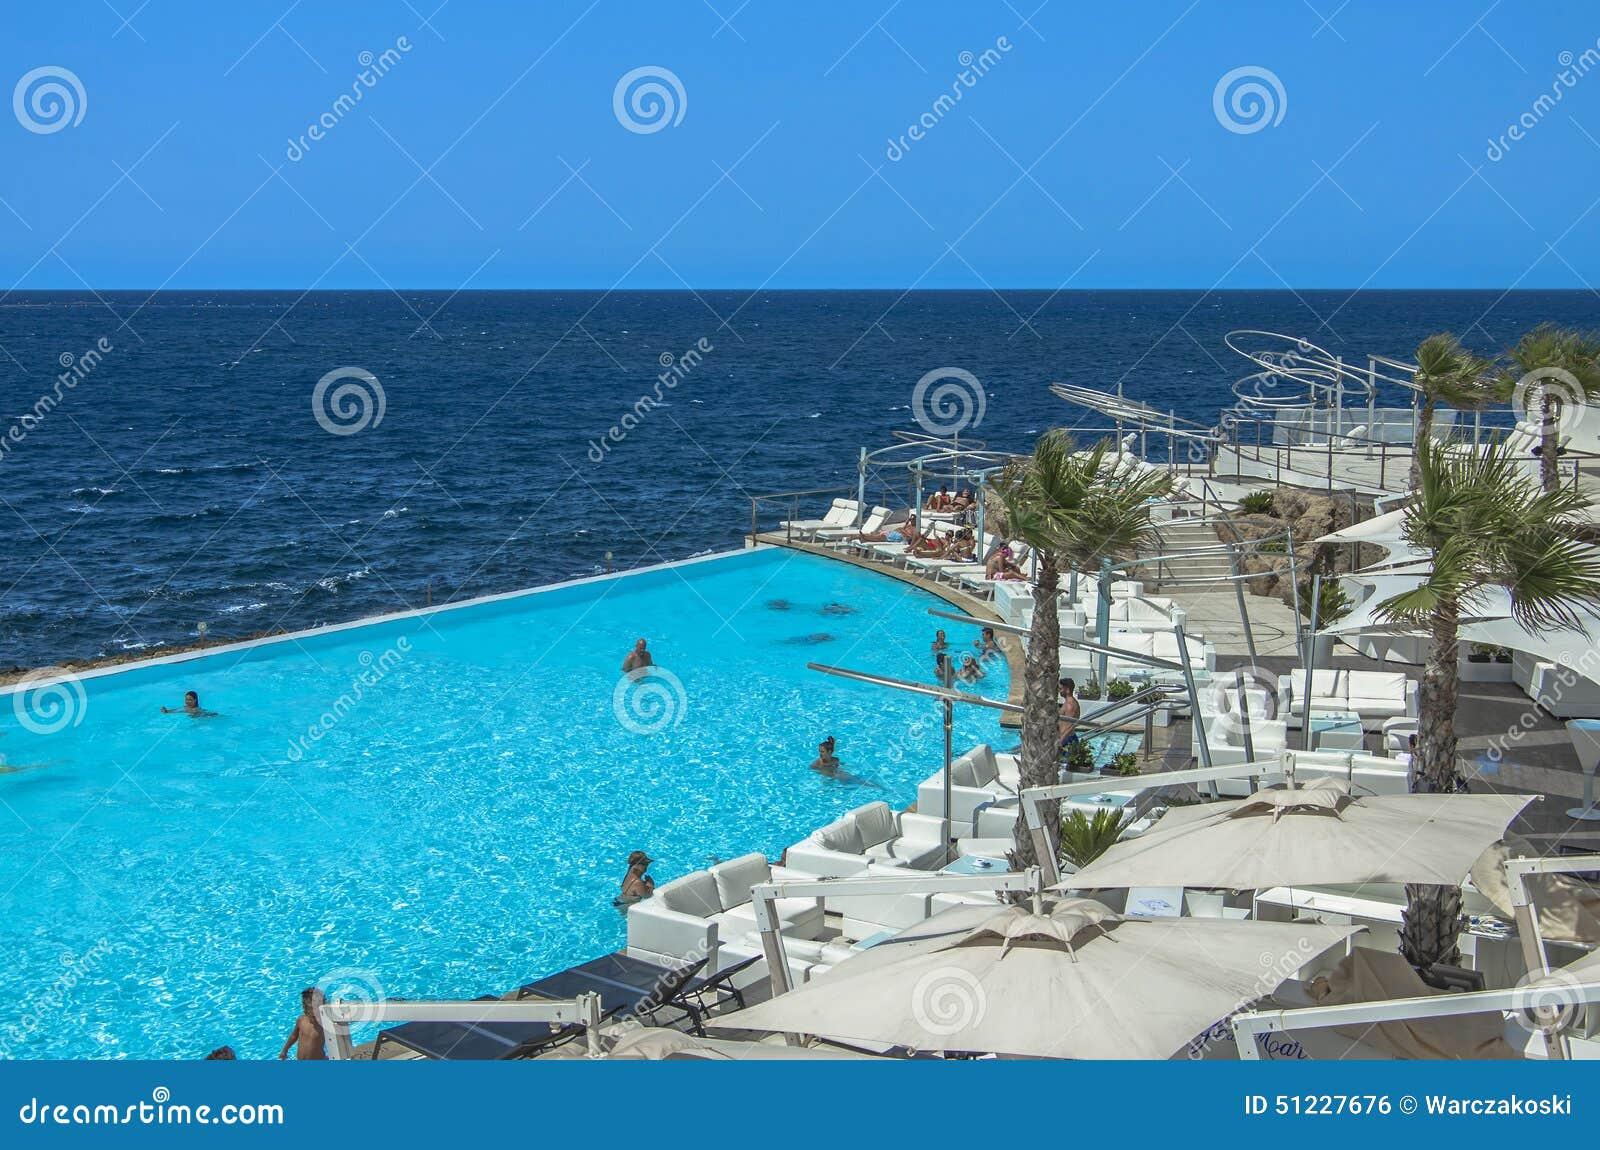 Malta coastline view editorial photo image 51227676 for Pool design malta